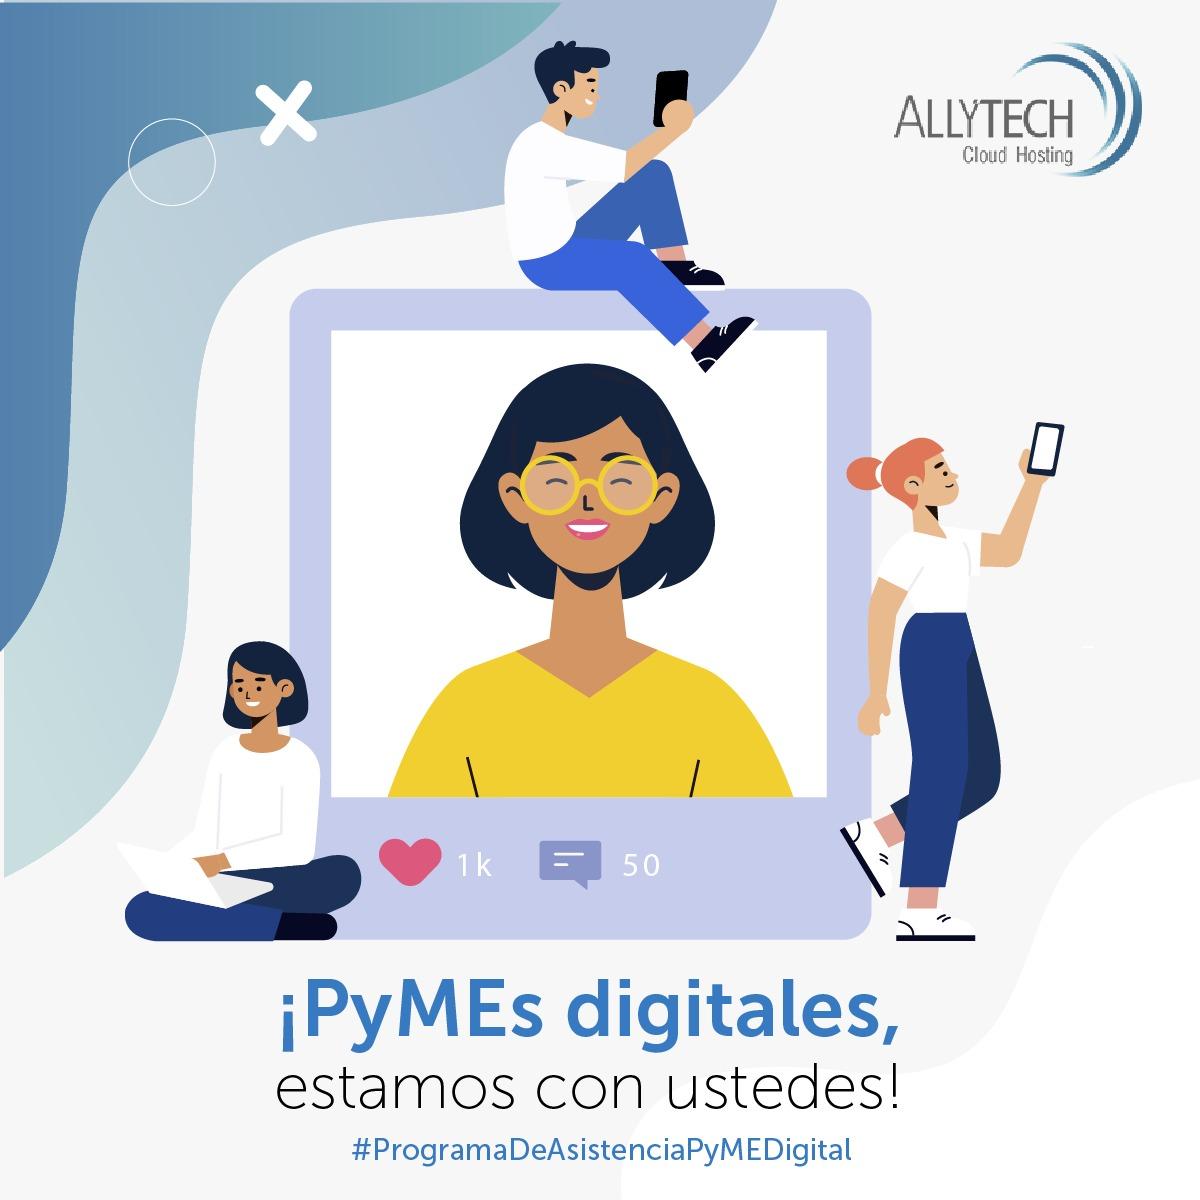 PyMEs digitales